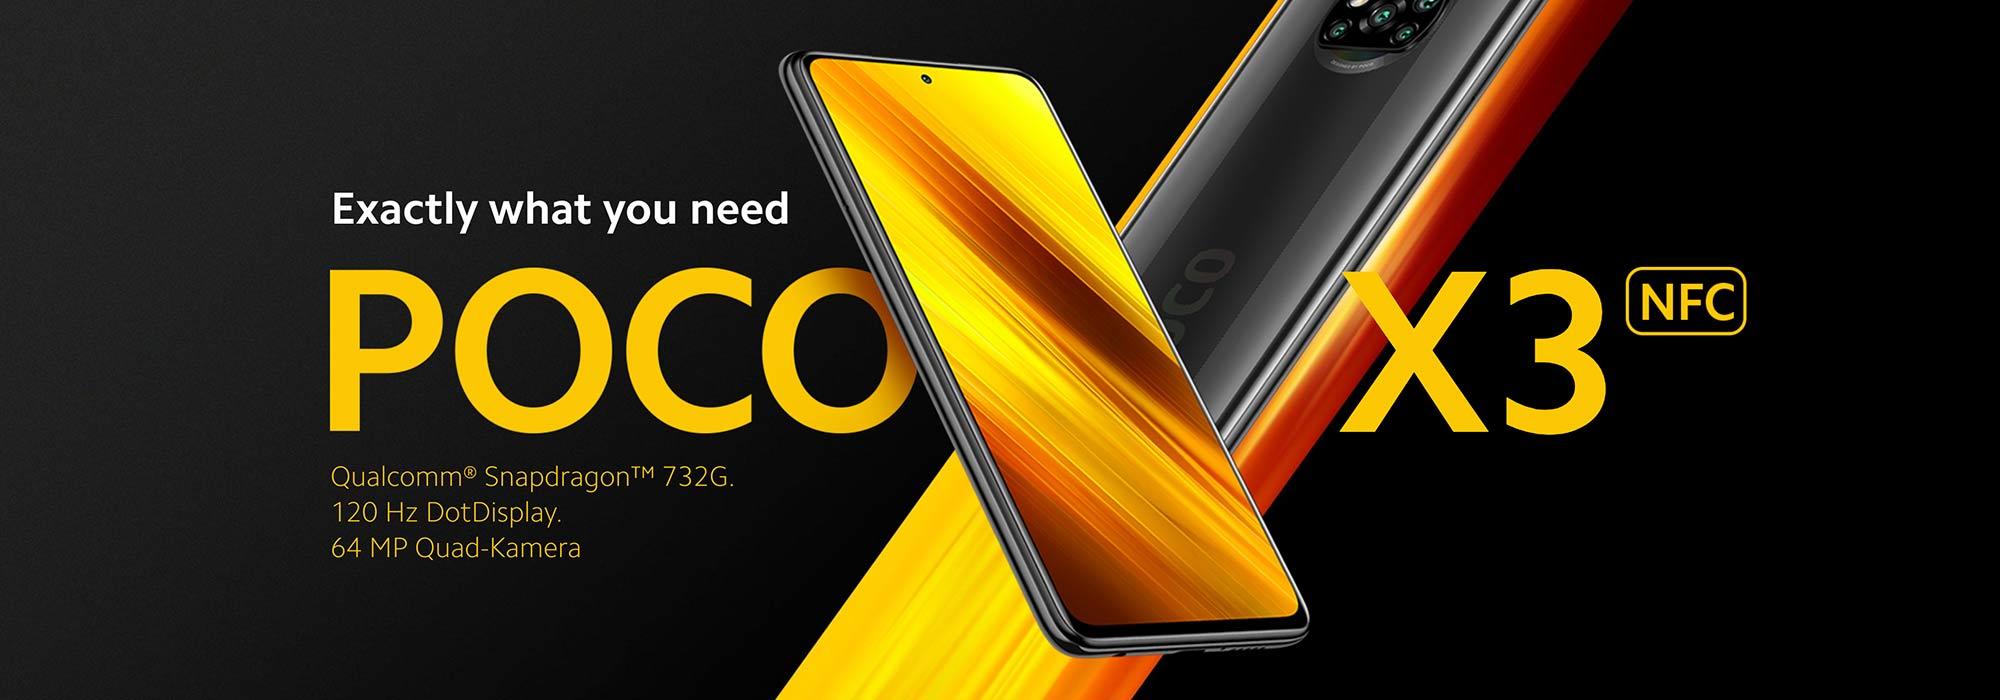 Xiaomi POCO X3: Test, Einschätzung & mehr